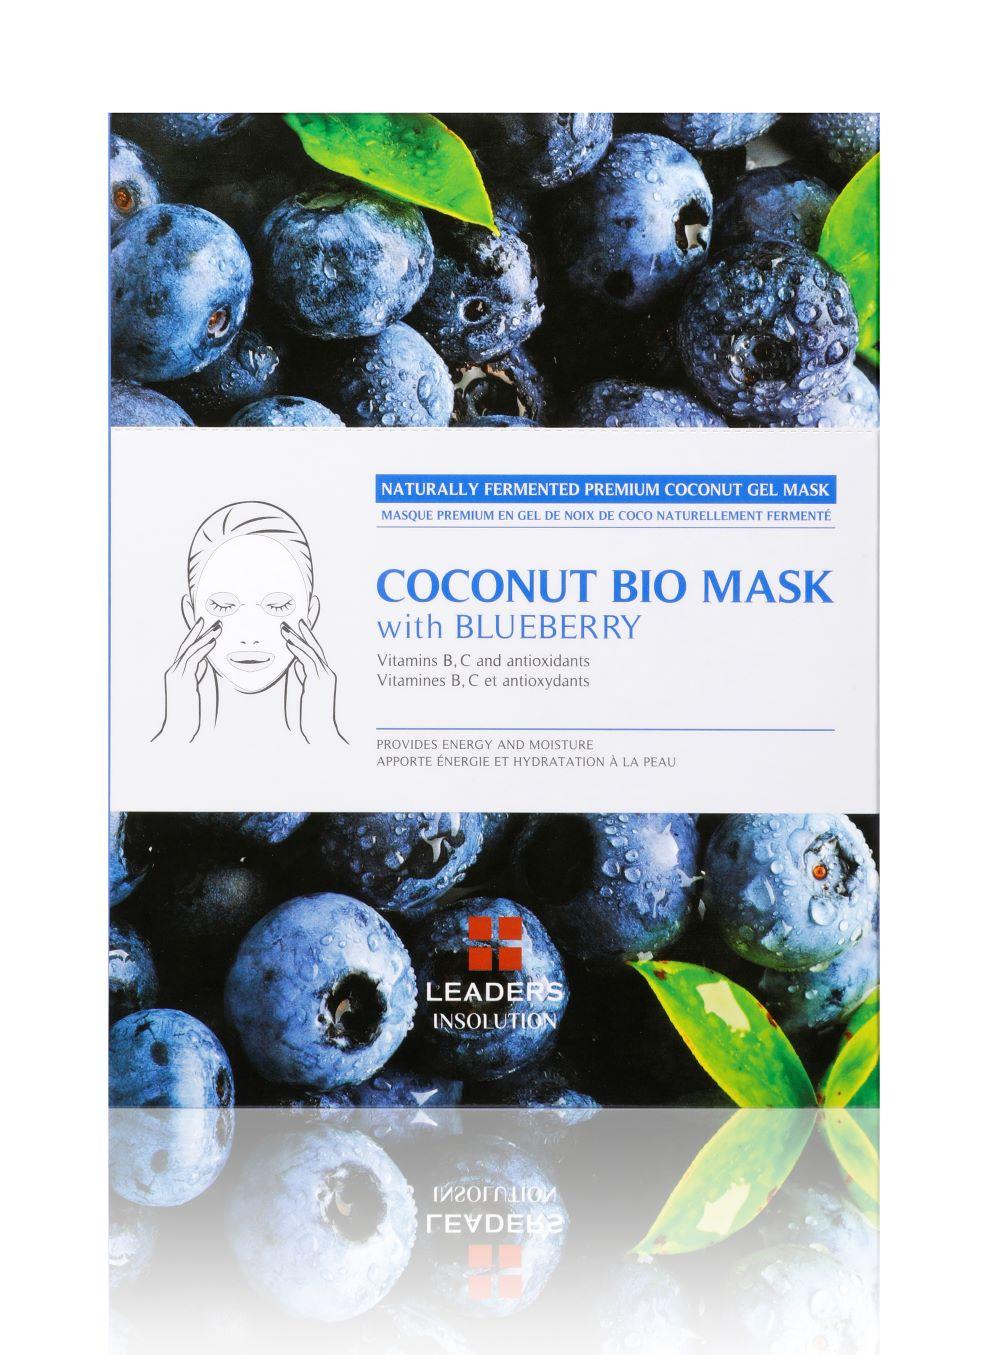 Mascarilla Coconut Blueberry